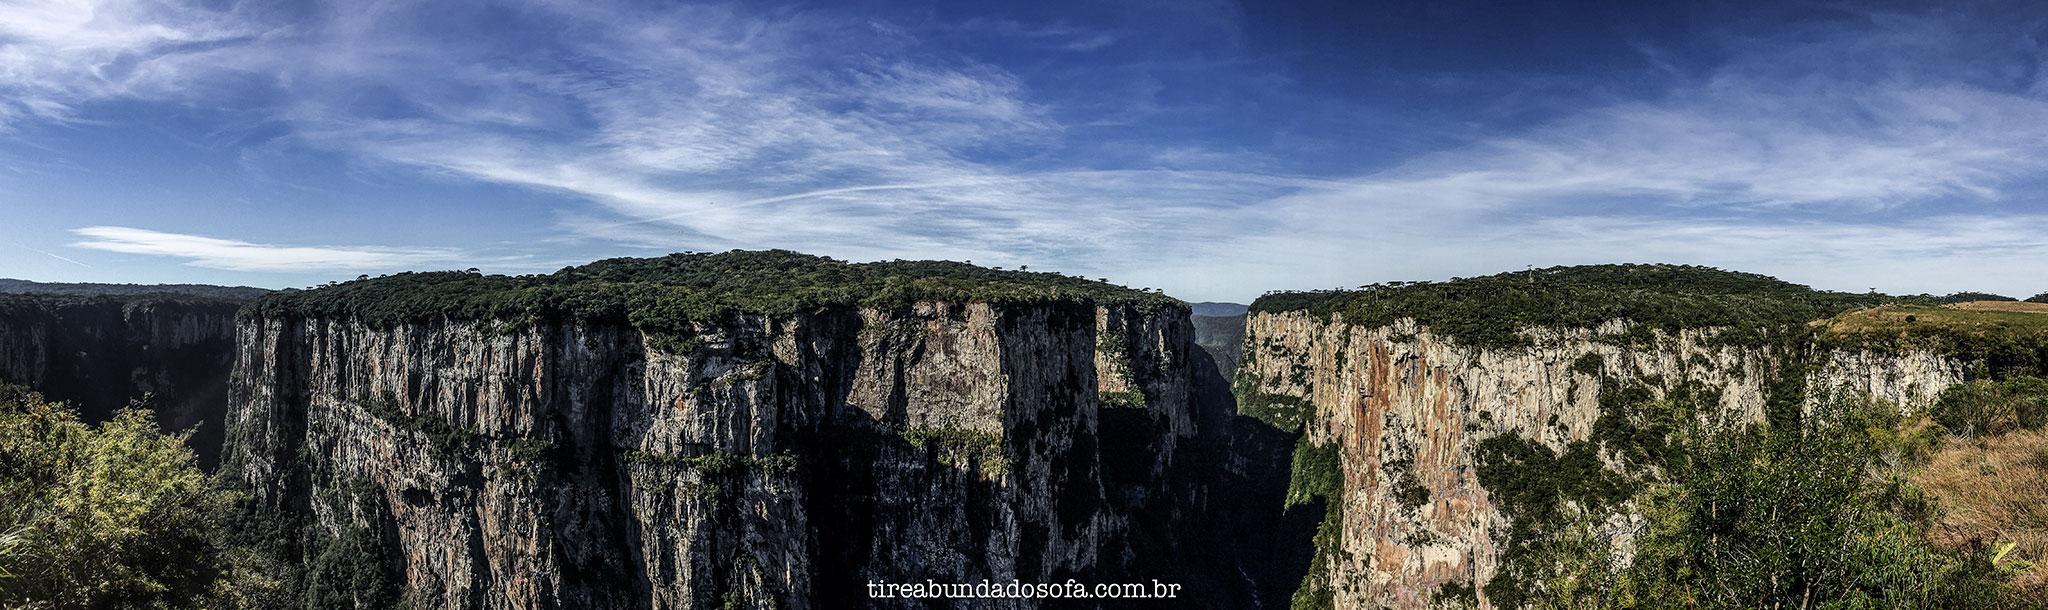 trilha do cotovelo, cânion itaimbezinho, parque nacional dos aparados da serra, cambará do sul, rio grande do sul